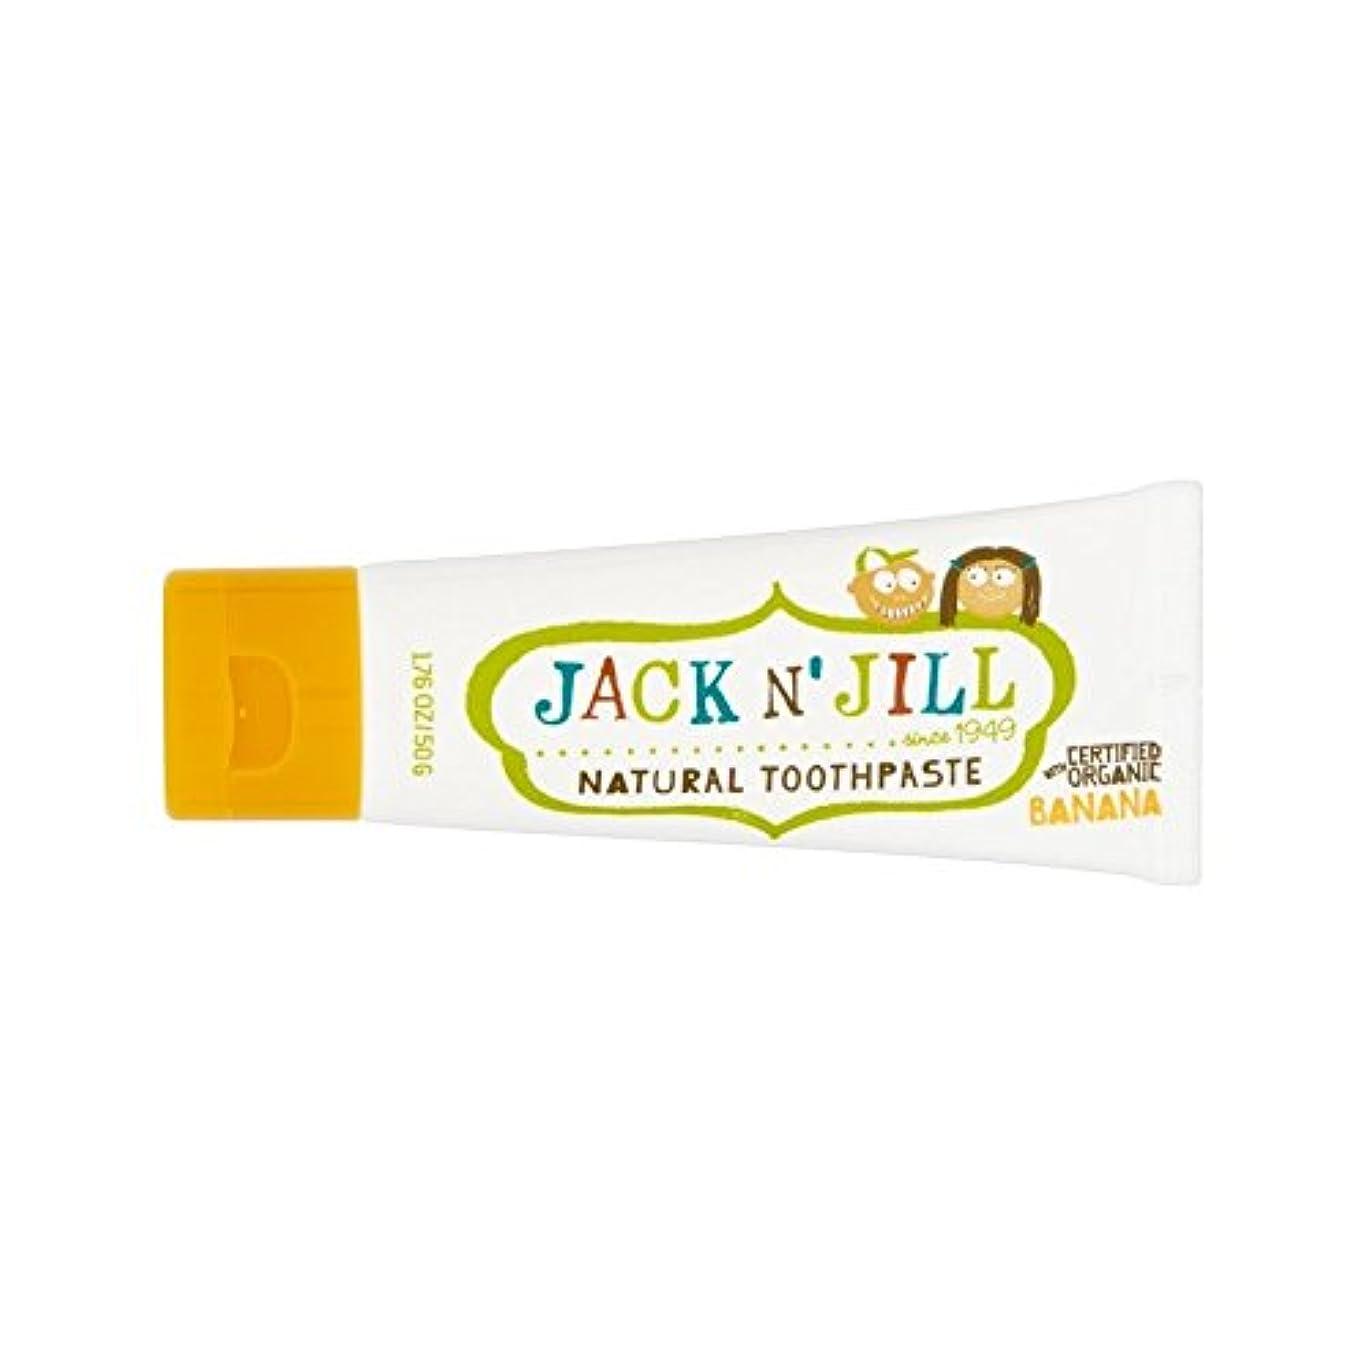 労働結果としてチェスをする有機香味50グラムと自然バナナ歯磨き粉 (Jack N Jill) (x 2) - Jack N' Jill Banana Toothpaste Natural with Organic Flavouring 50g (Pack of 2) [並行輸入品]